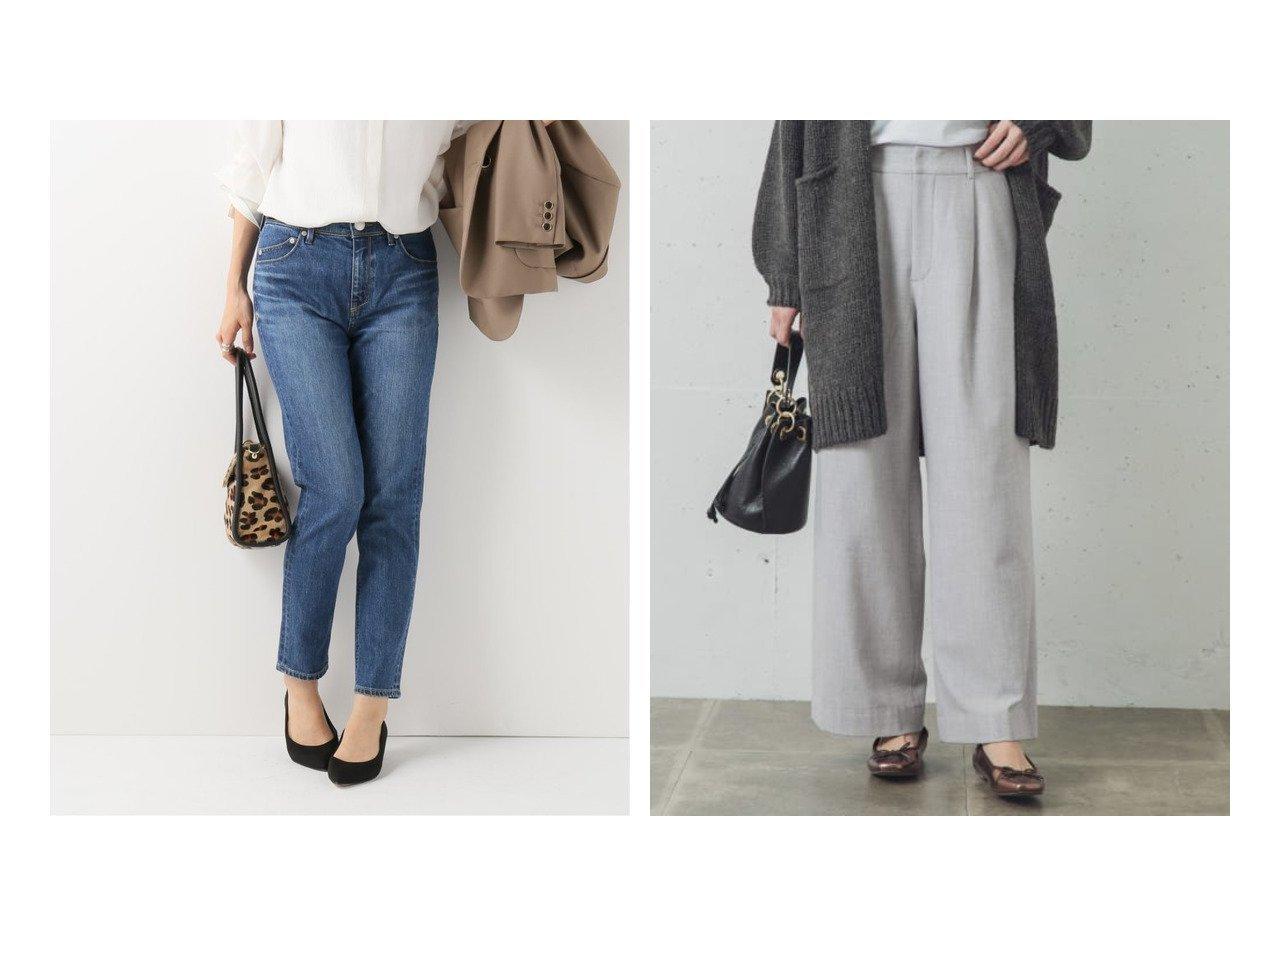 【Sonny Label / URBAN RESEARCH/サニーレーベル】のウールライクワイドパンツ&【IENA/イエナ】の【ヤヌーク】RUTH SLIM TAPERED パンツのおすすめ!人気、レディースファッションの通販 おすすめで人気のファッション通販商品 インテリア・家具・キッズファッション・メンズファッション・レディースファッション・服の通販 founy(ファニー) https://founy.com/ ファッション Fashion レディース WOMEN パンツ Pants デニムパンツ Denim Pants 秋冬 A/W Autumn/ Winter デニム ワイド |ID:crp329100000001402